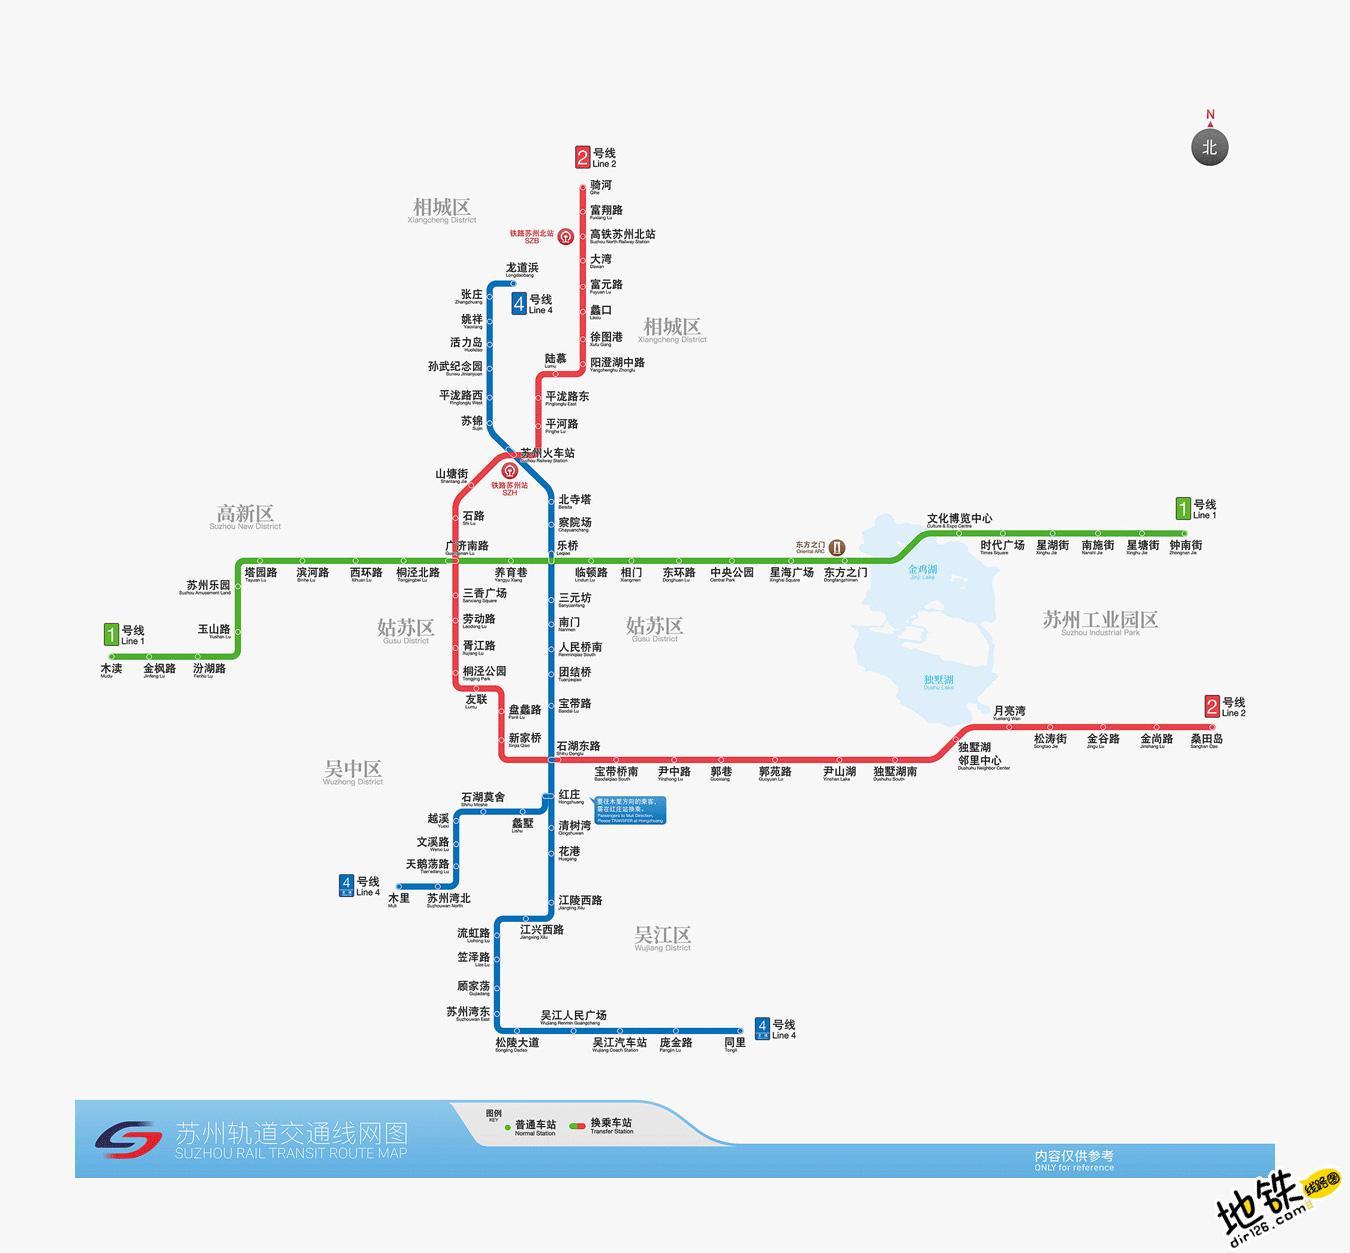 苏州地铁线路图 运营时间票价站点 查询下载 苏州地铁查询 苏州地铁线路图 苏州地铁票价 苏州地铁运营时间 苏州地铁 苏州地铁线路图  第3张